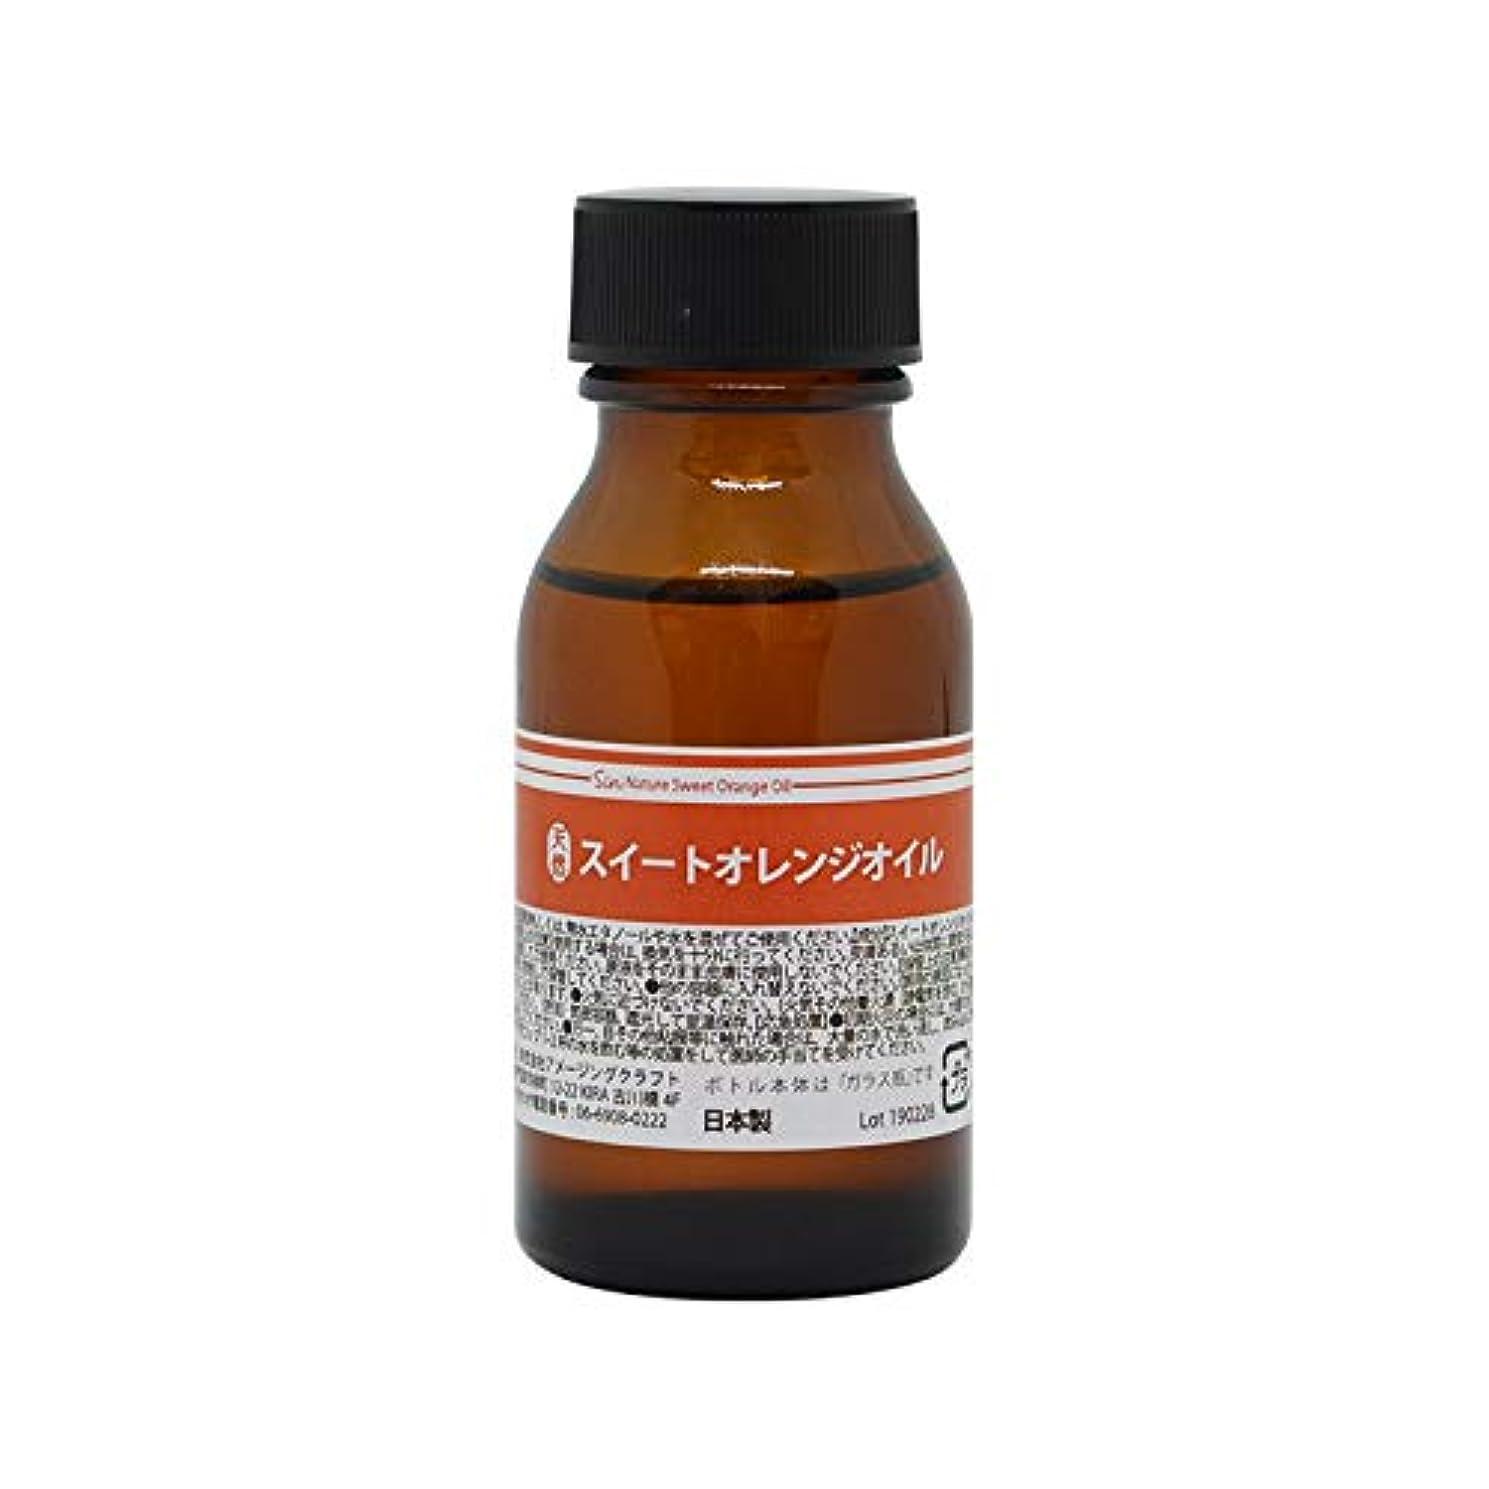 会うカウボーイ一般化する天然100% スイートオレンジオイル 50ml (オレンジスイート) エッセンシャルオイル